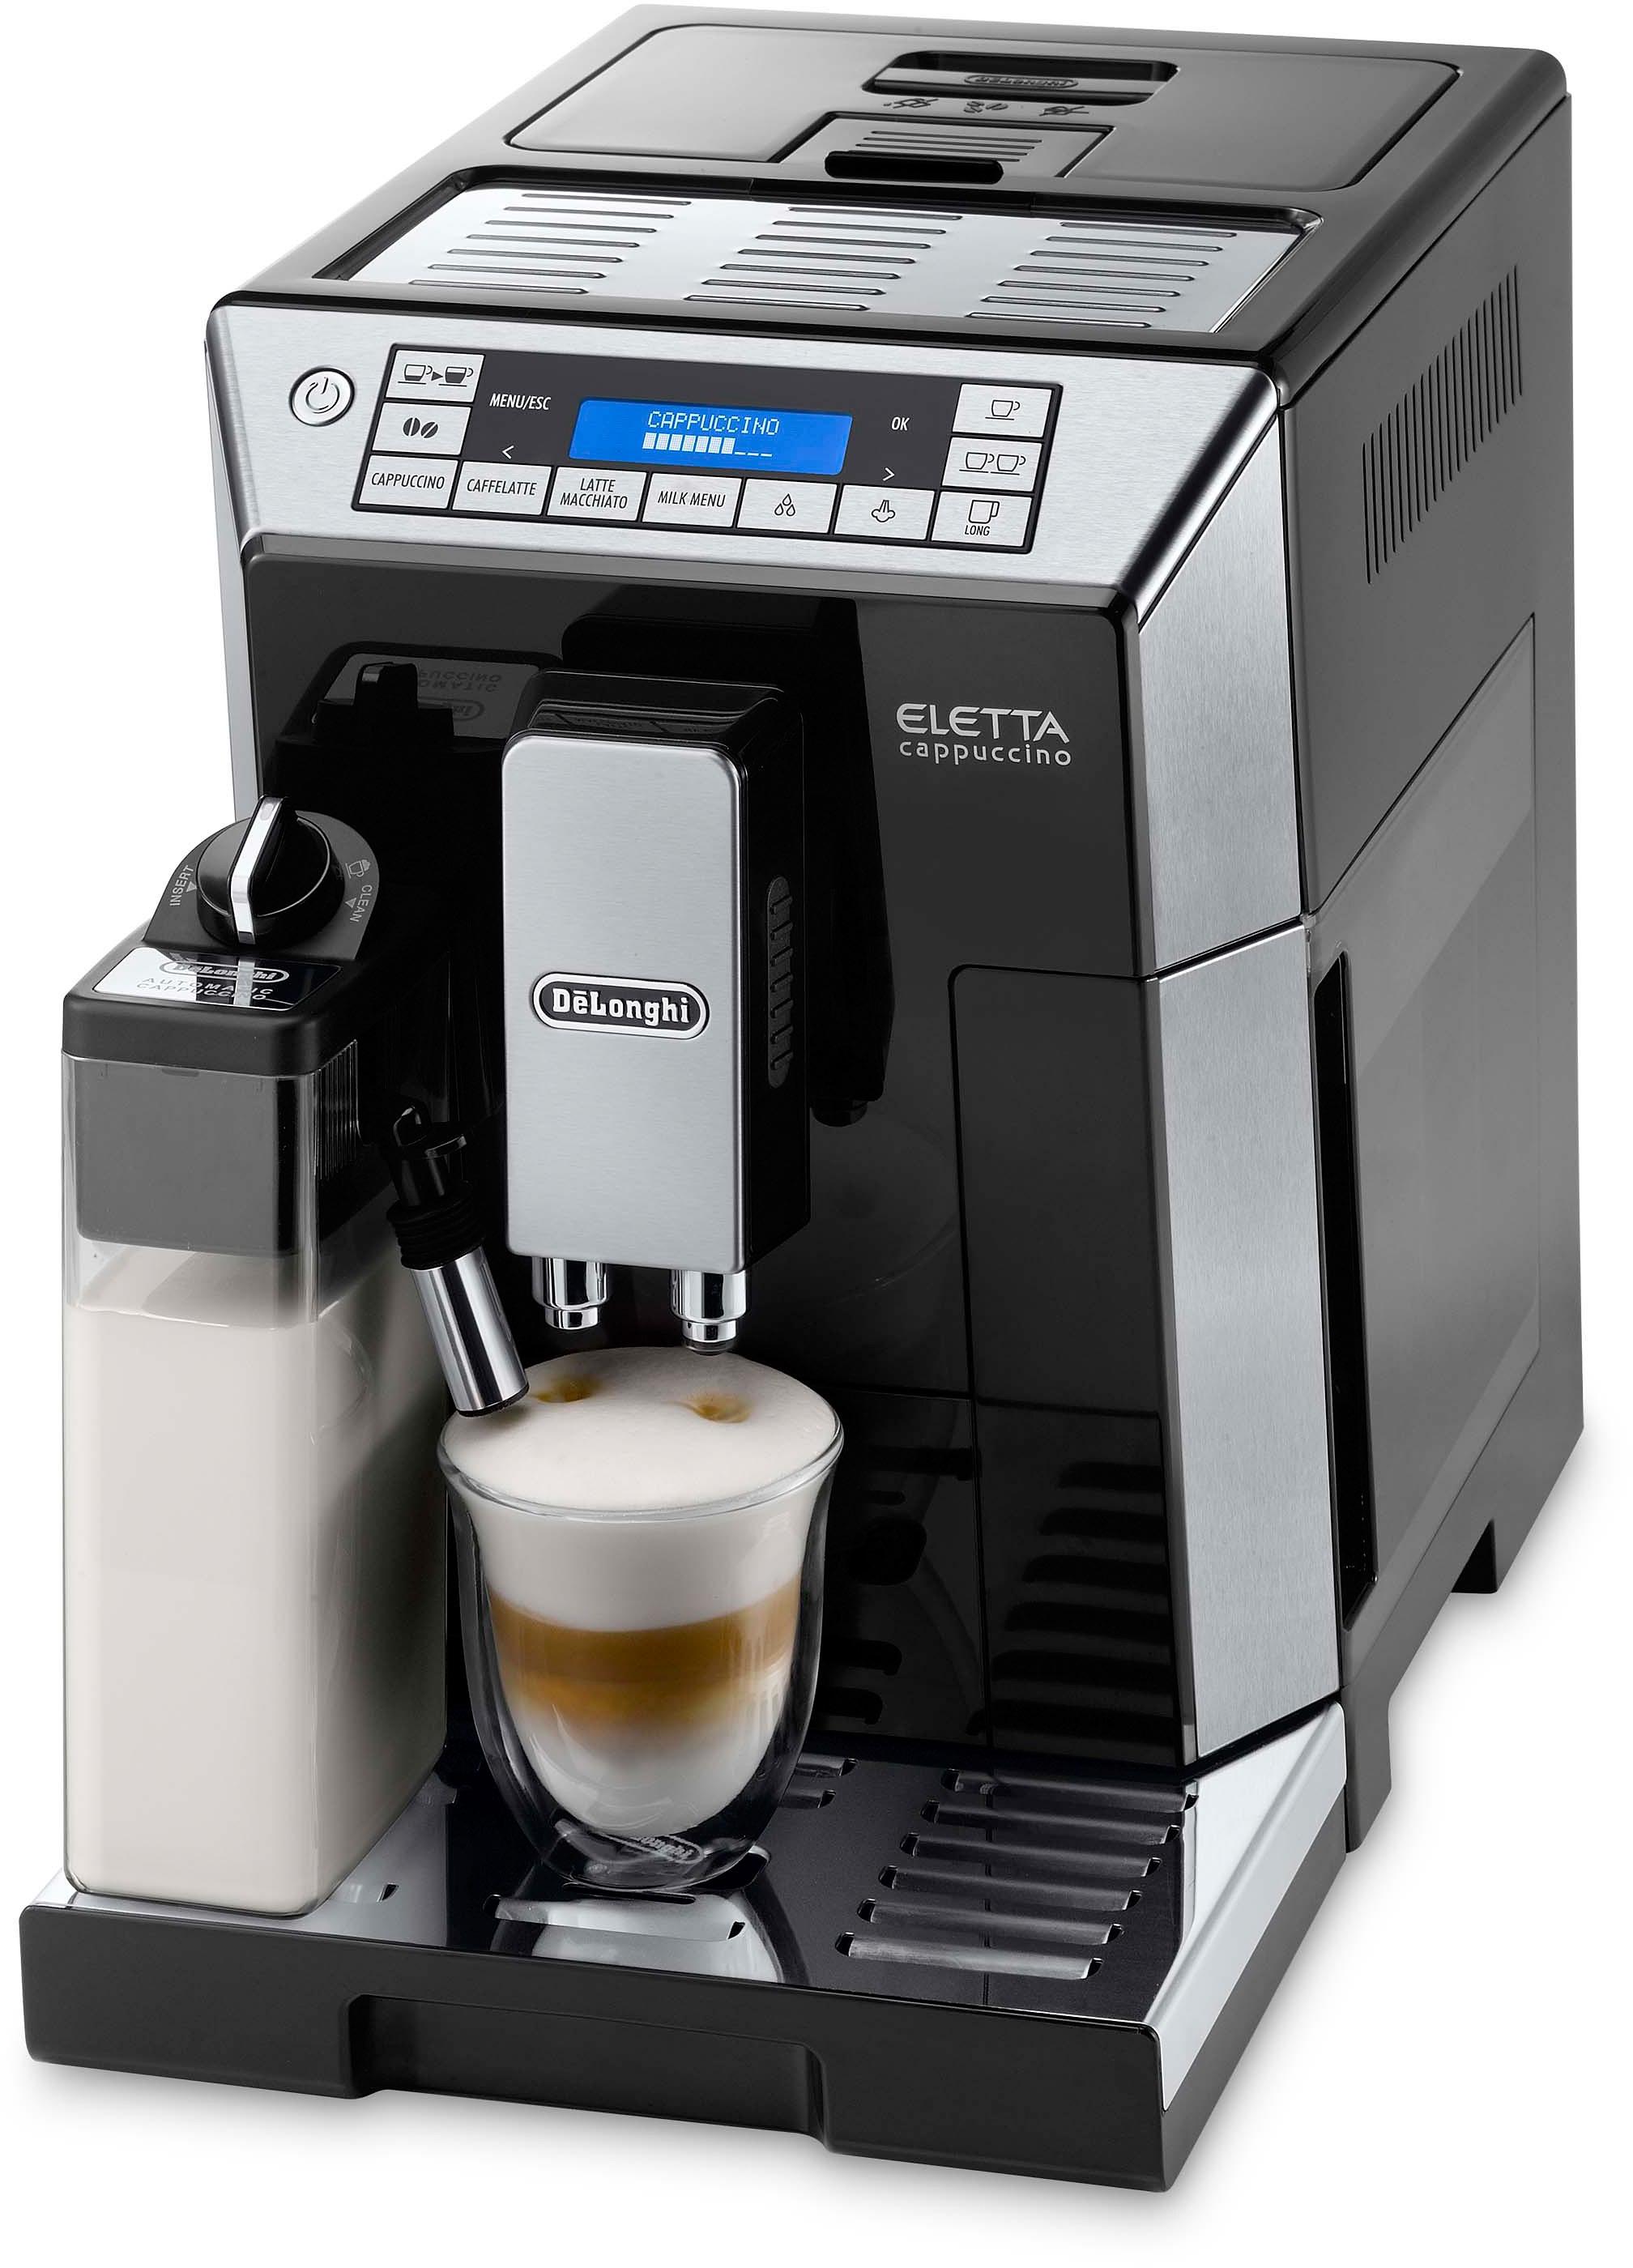 De'longhi DELONGHI Koffiezetapparaat ECAM 45.766 B online kopen op otto.nl